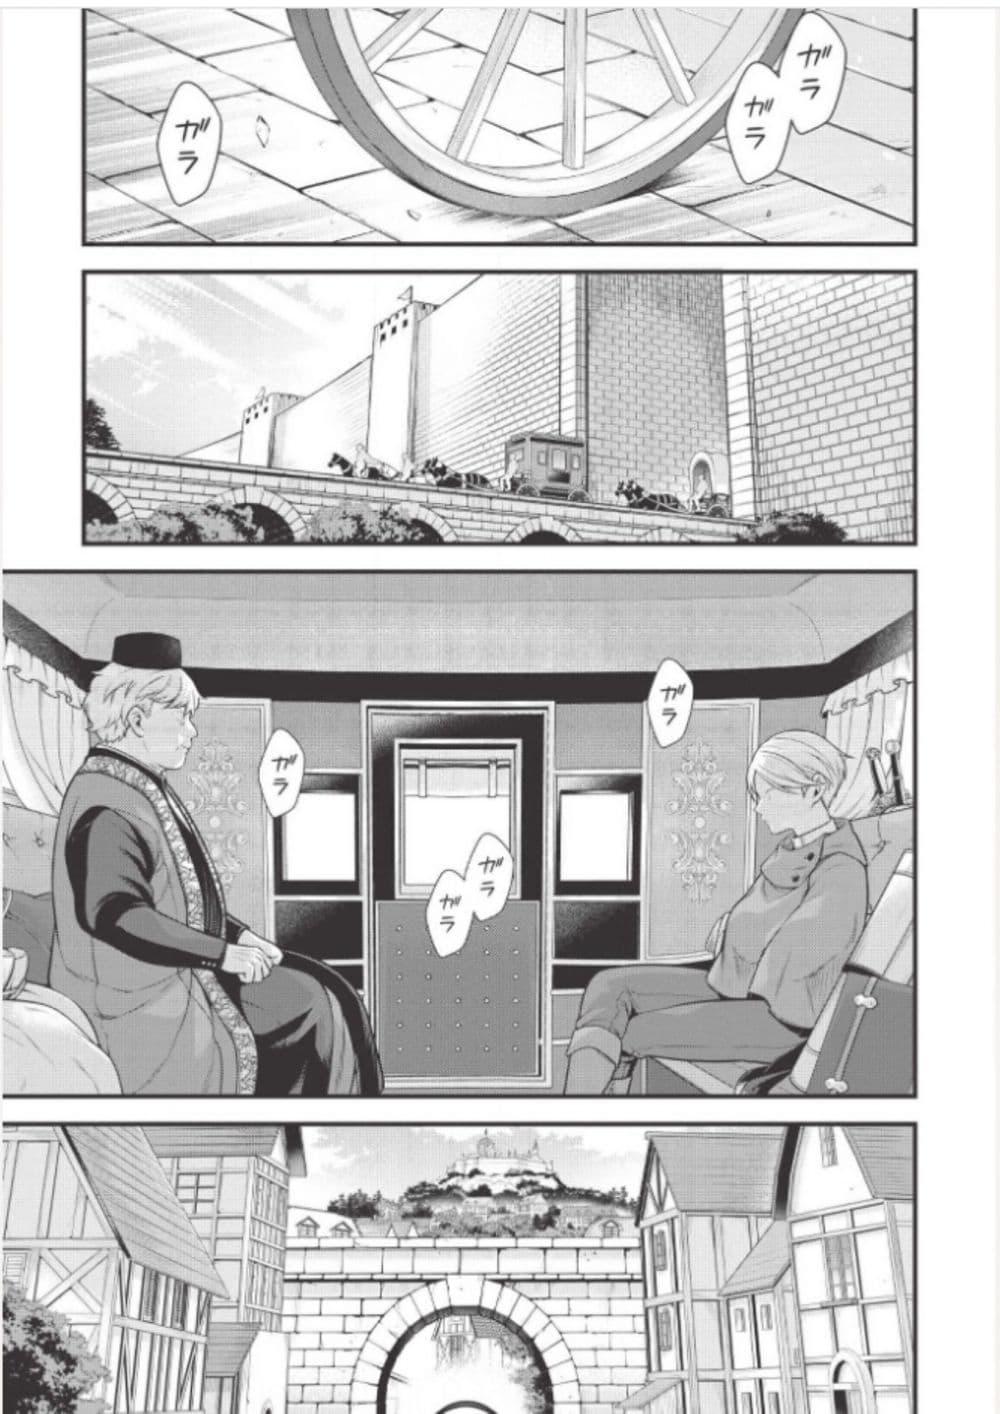 Eiyu-Oh Bu Wo Kiwameru tame Tensei Su. Soshite, Sekai Saikyou no Minarai Kisi ♀ ตอนที่ 2